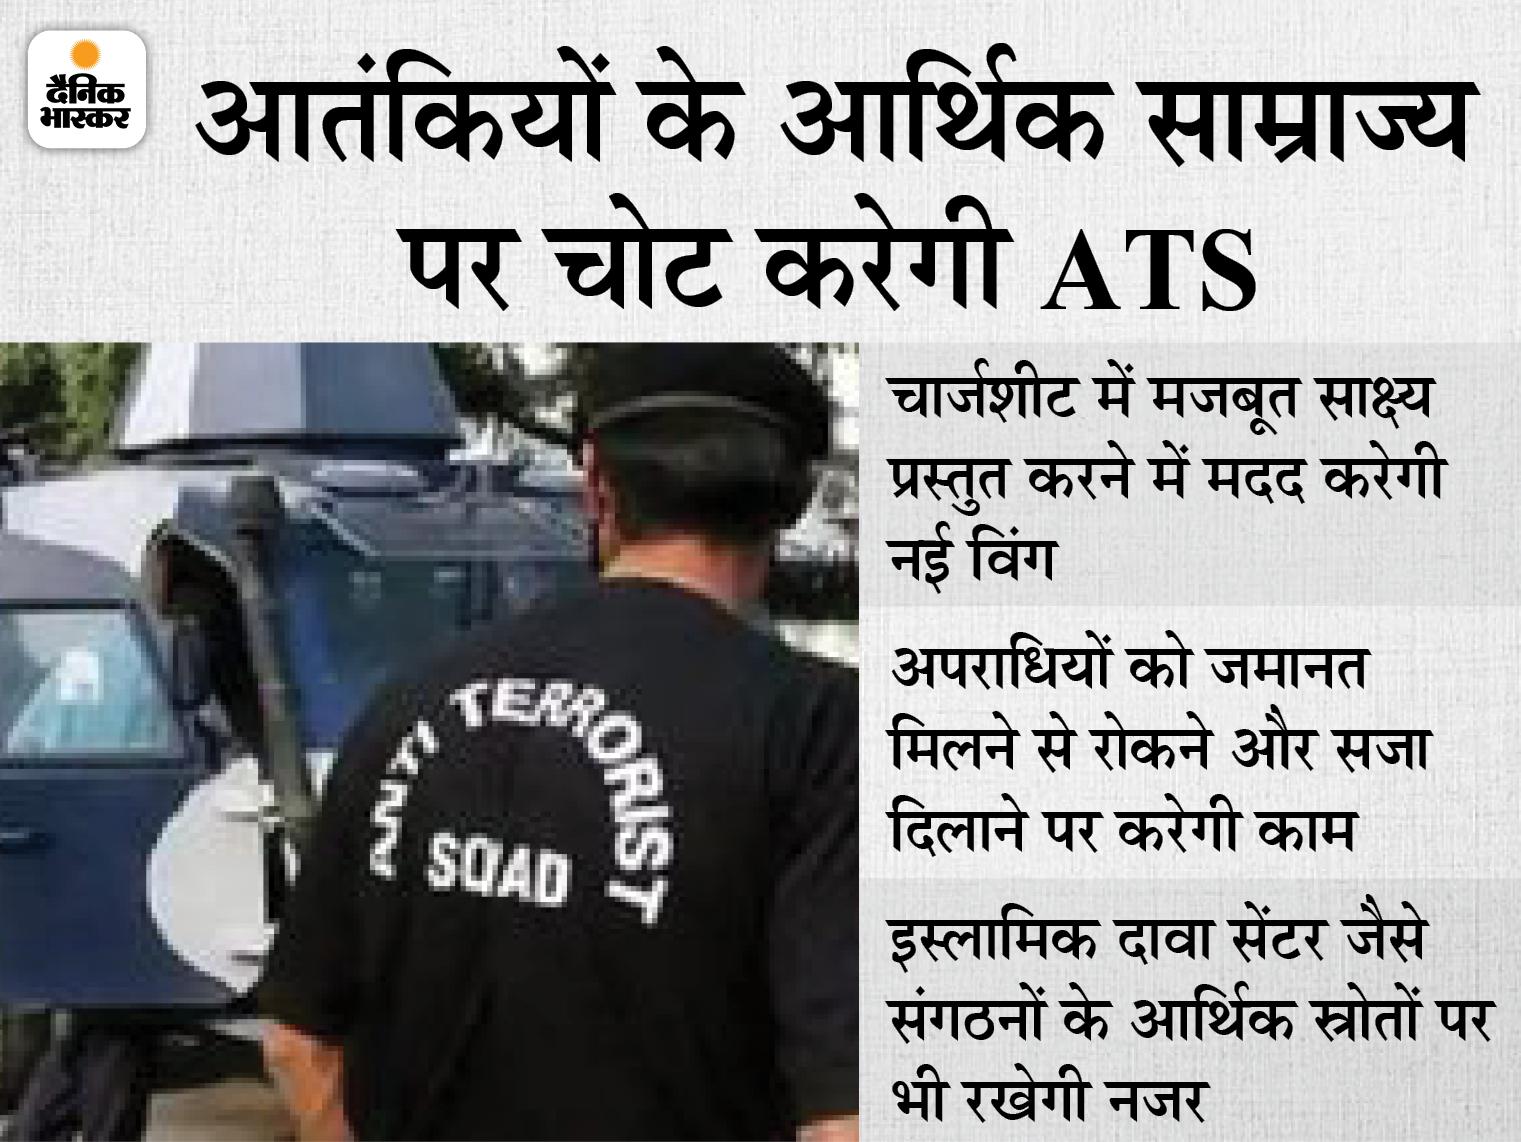 मौलानाओं को कनाडा और कतर से होती थी फंडिंग, इसे रोकने के लिए एटीएस ने इकोनॉमिक अपराध विंग बनाई लखनऊ,Lucknow - Dainik Bhaskar